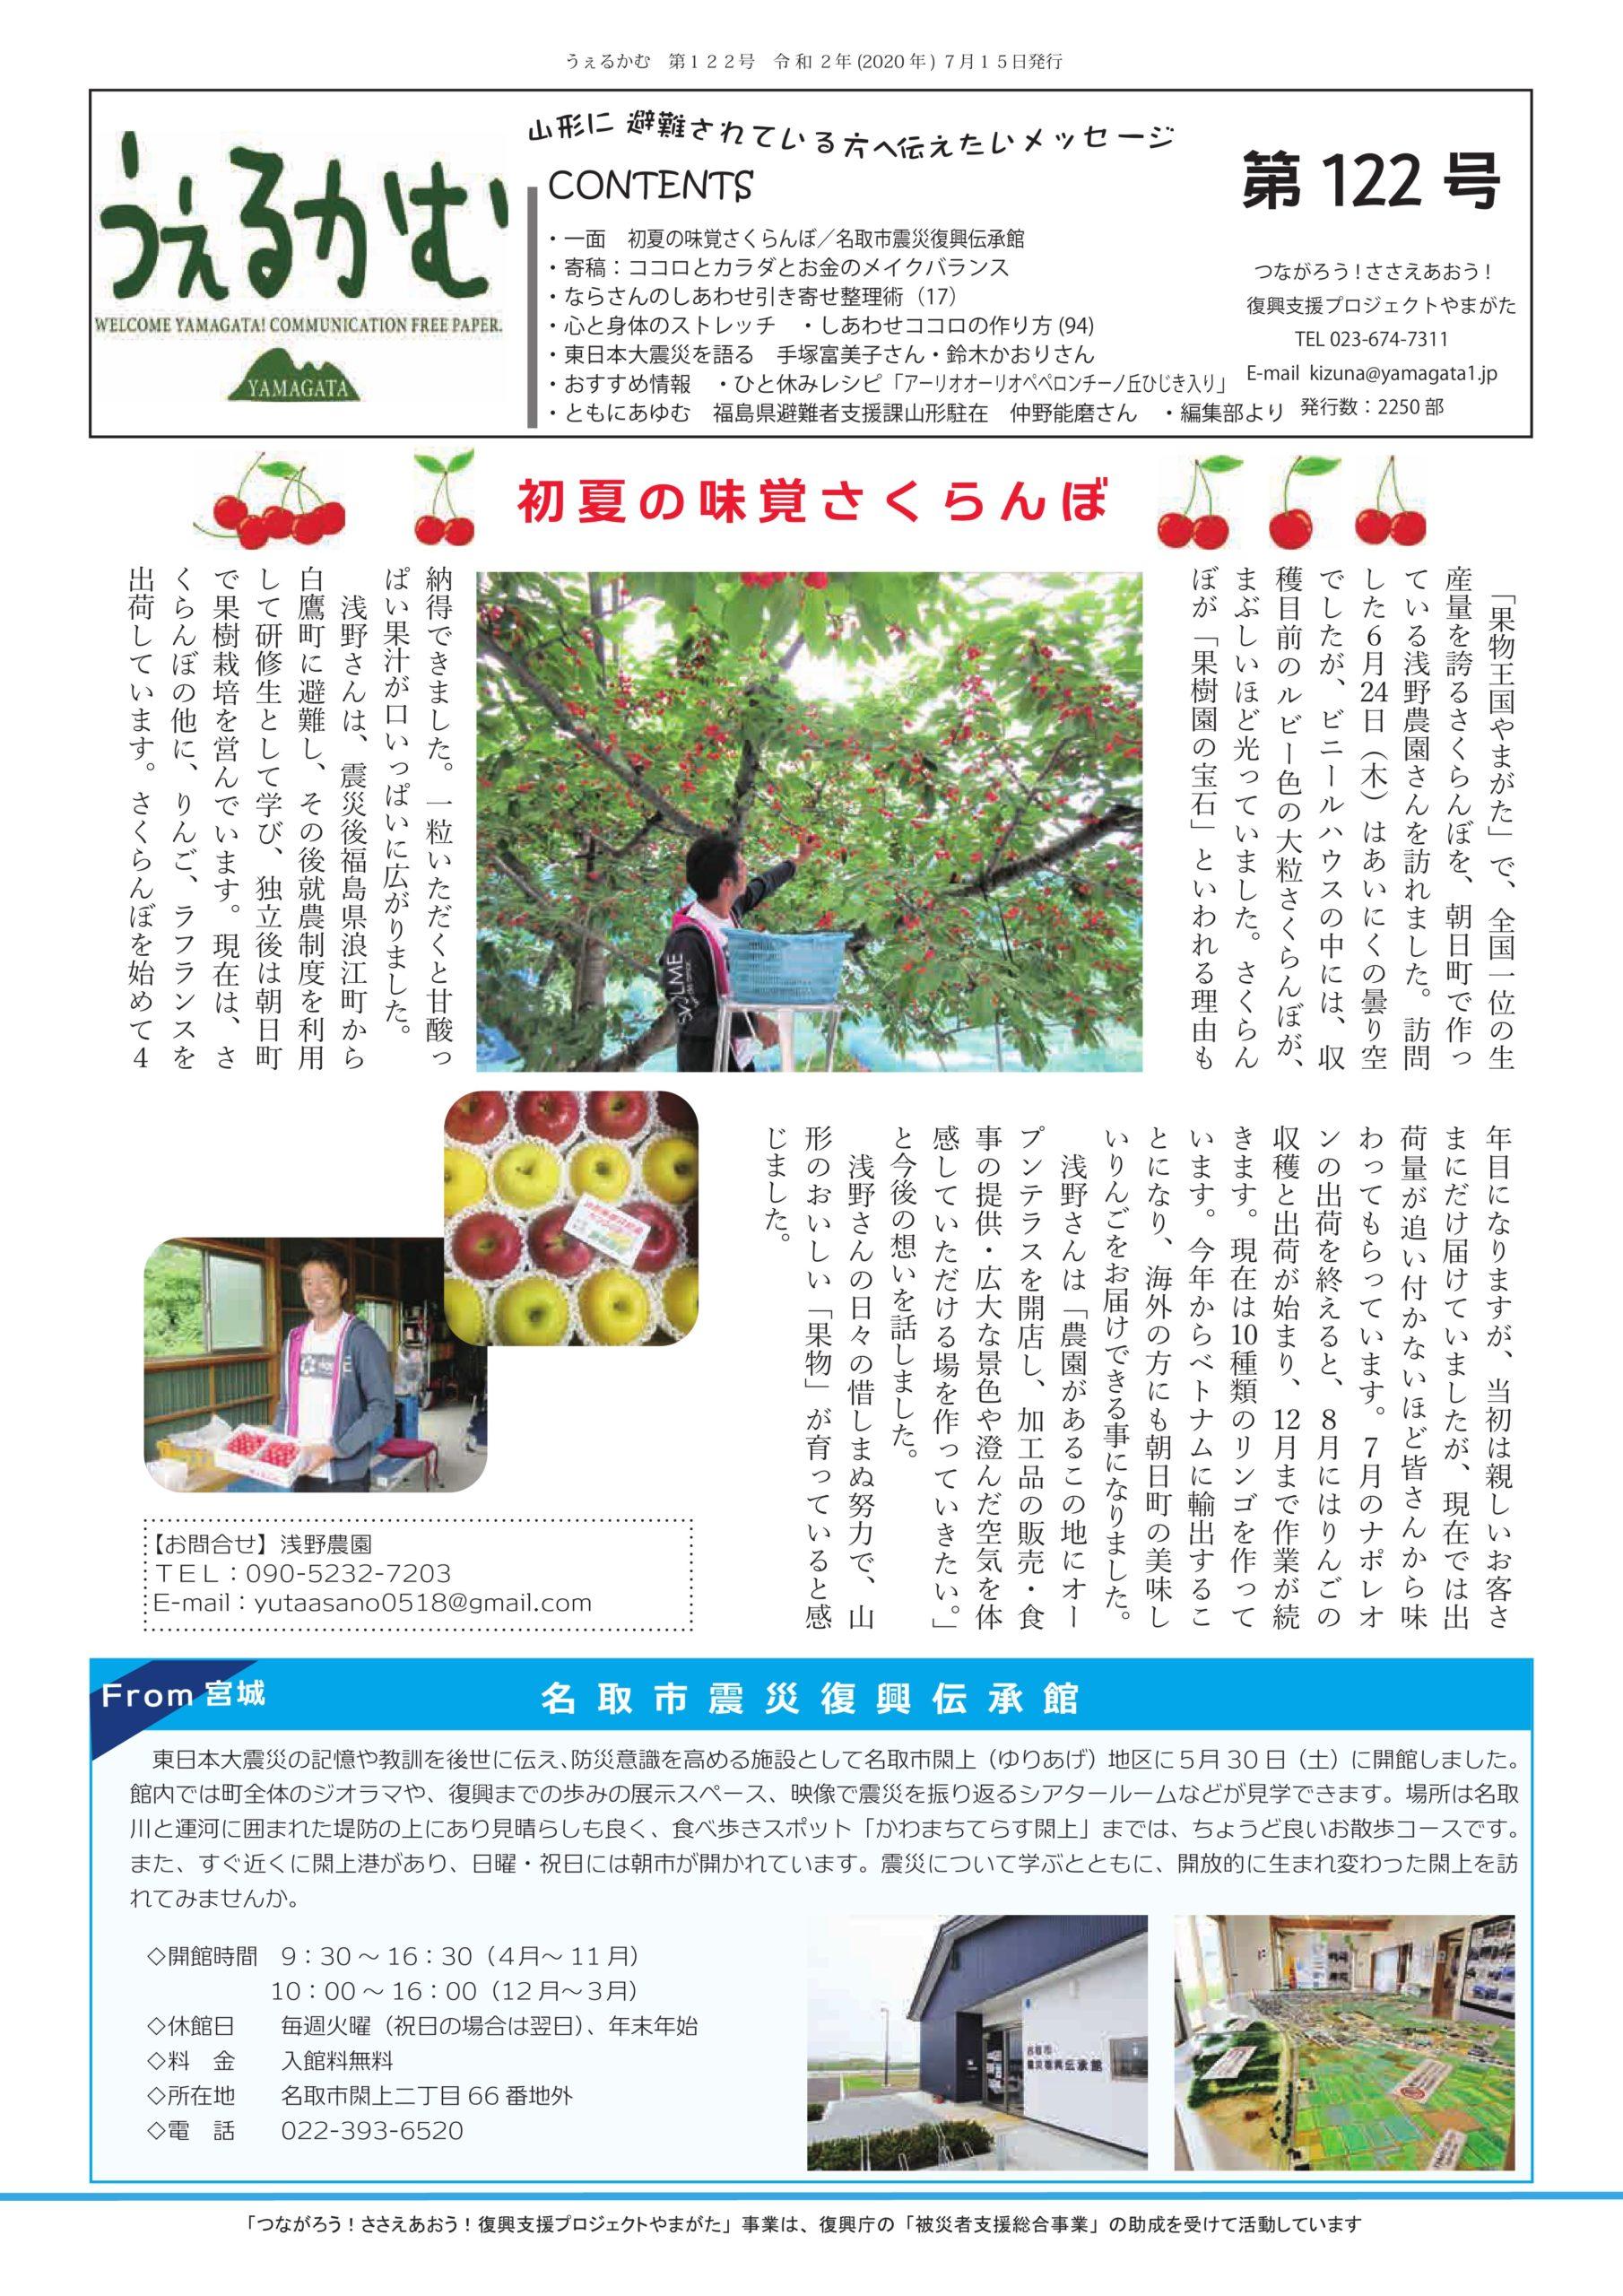 うぇるかむ vol.122